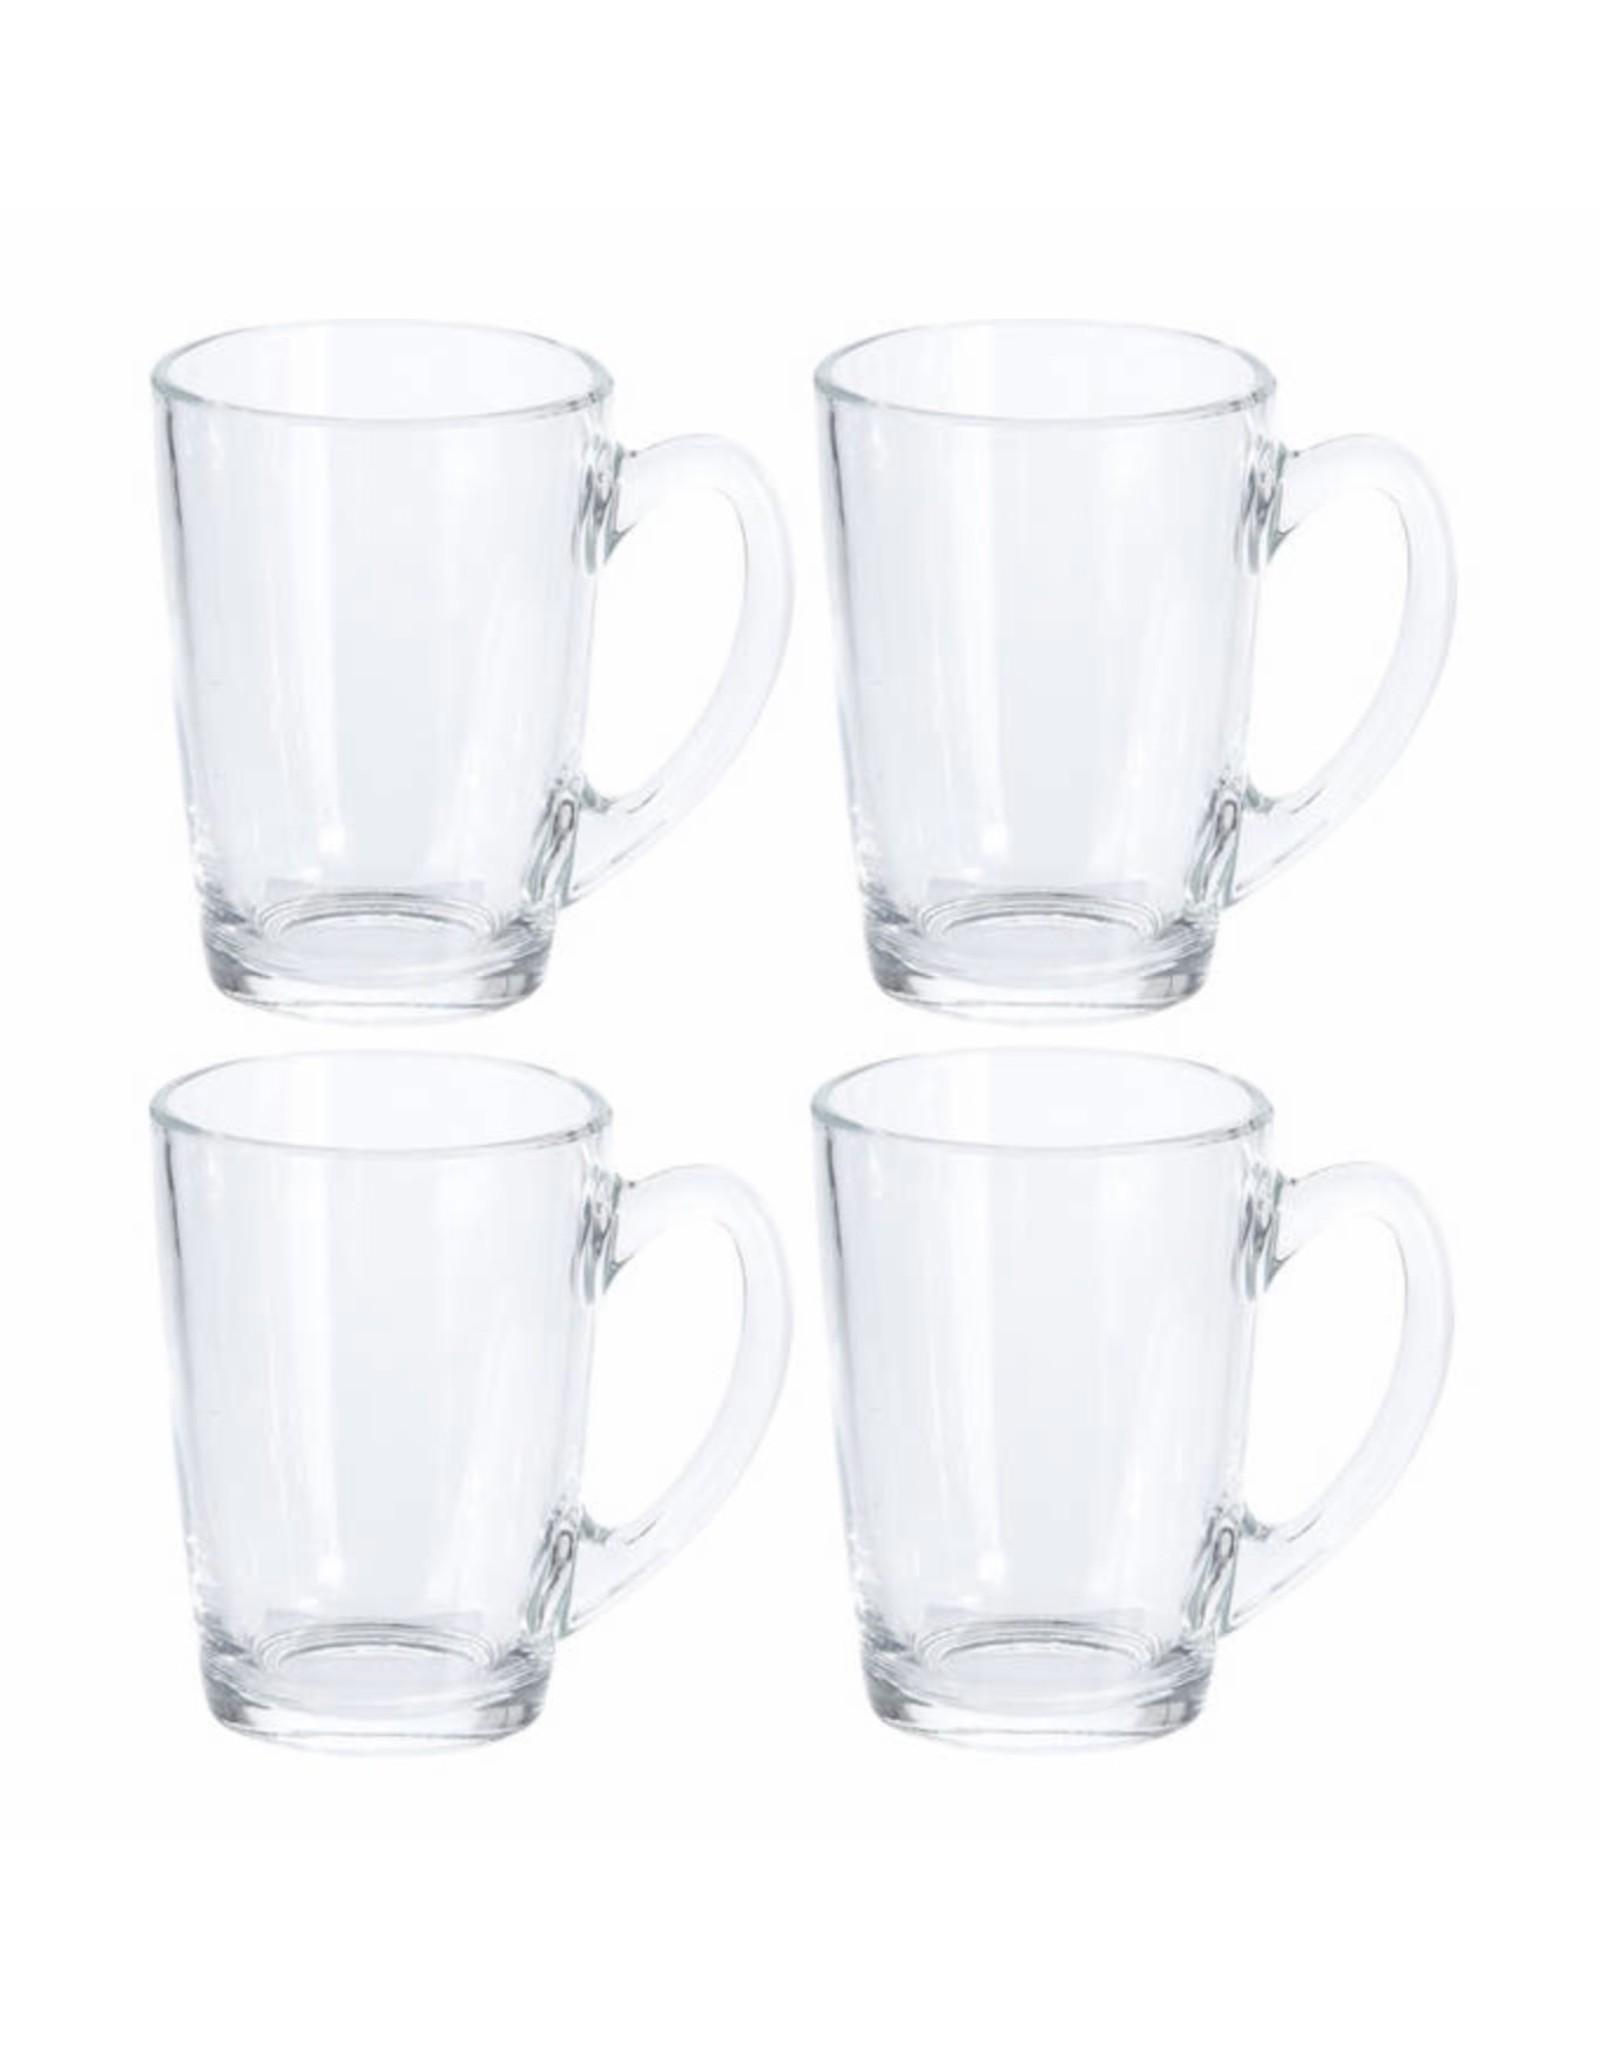 4x Koffie glazen 320 ml - 4x thee glazen 320 ml